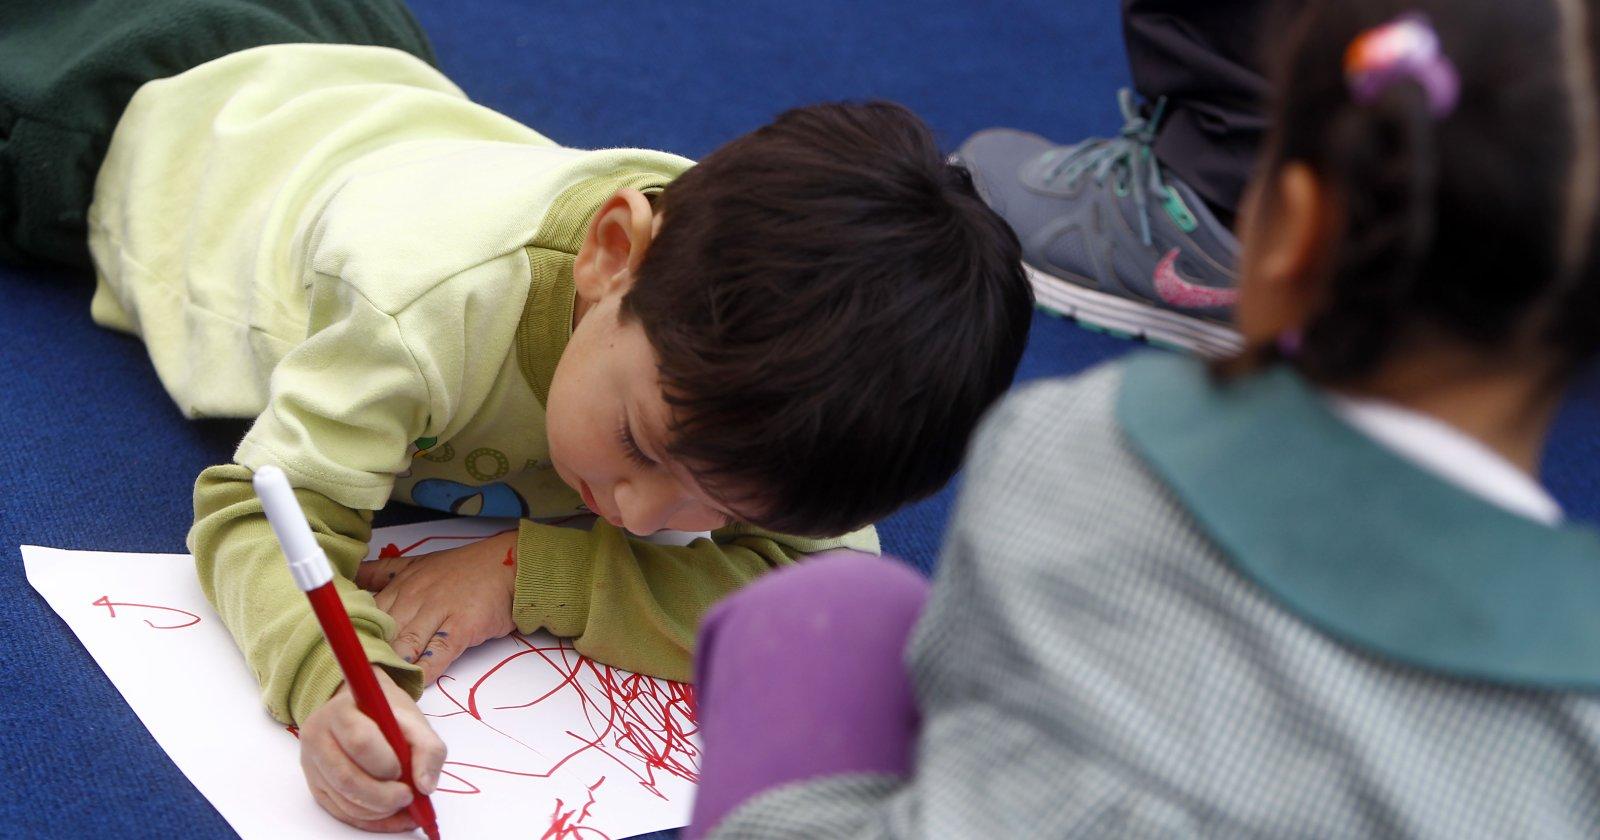 Párvulos de jardín infantil Integra en Rapa Nui volverán a clases este miércoles